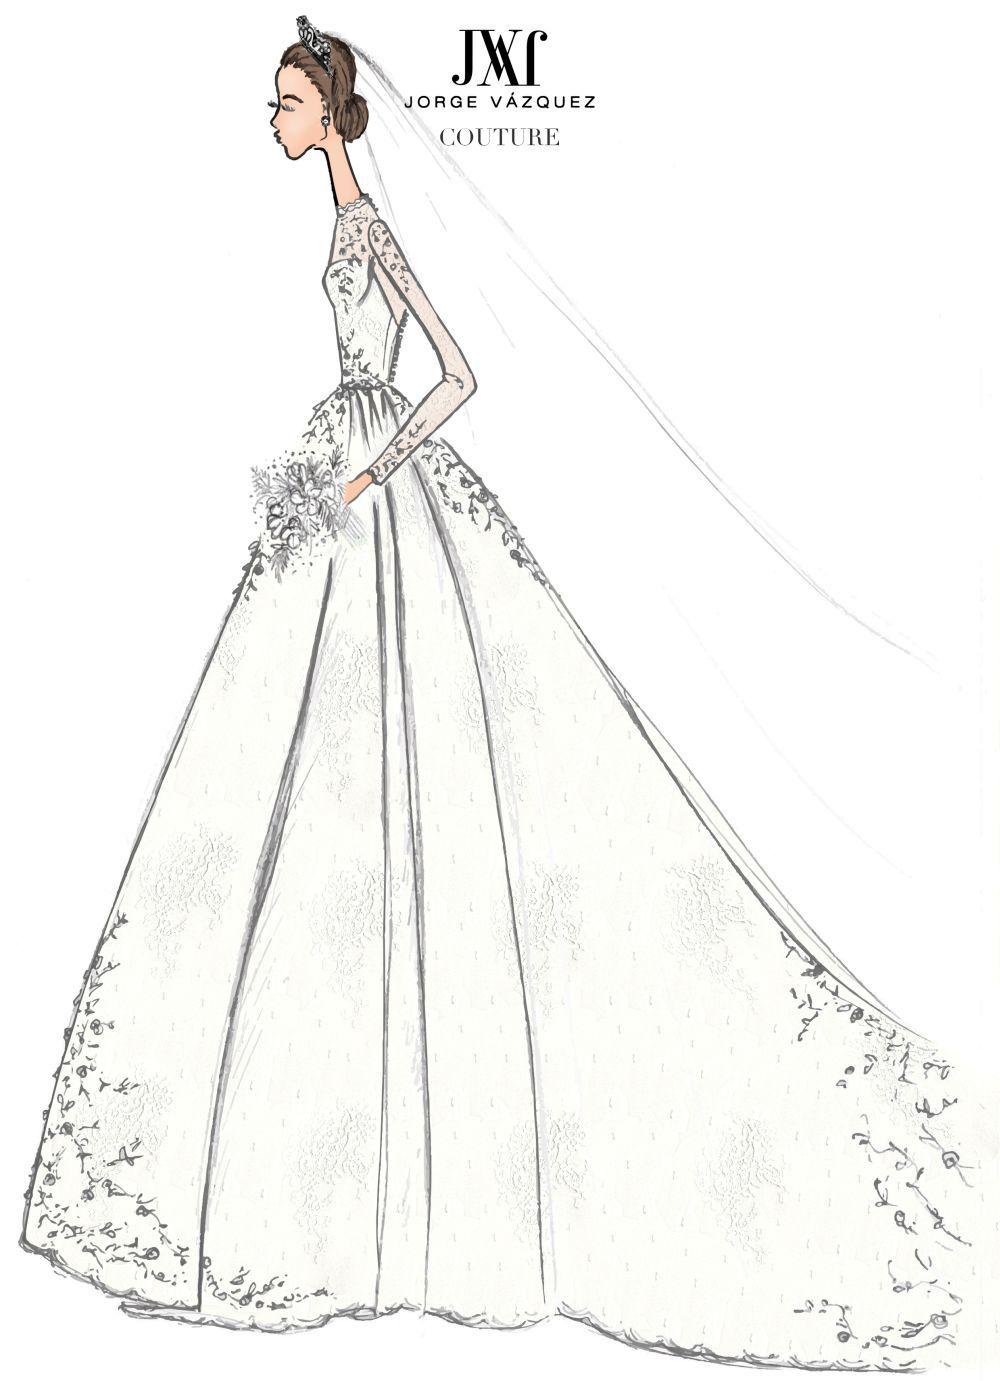 Boceto del vestido de novia de Jorge Vázquez para la ceremonia...